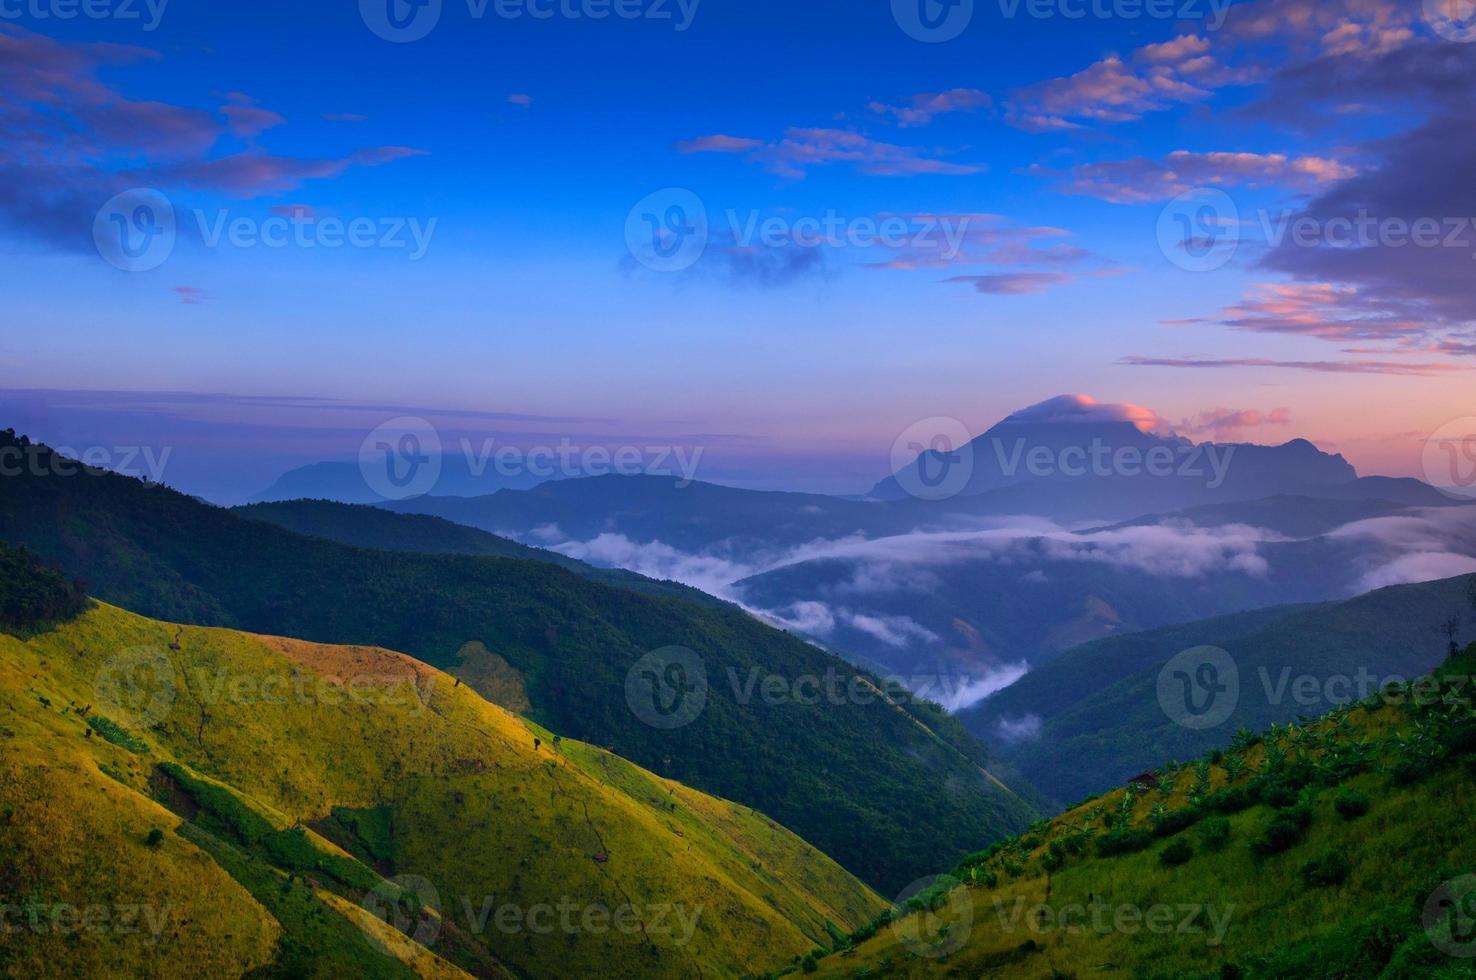 paisagem de luang prabang, laos foto